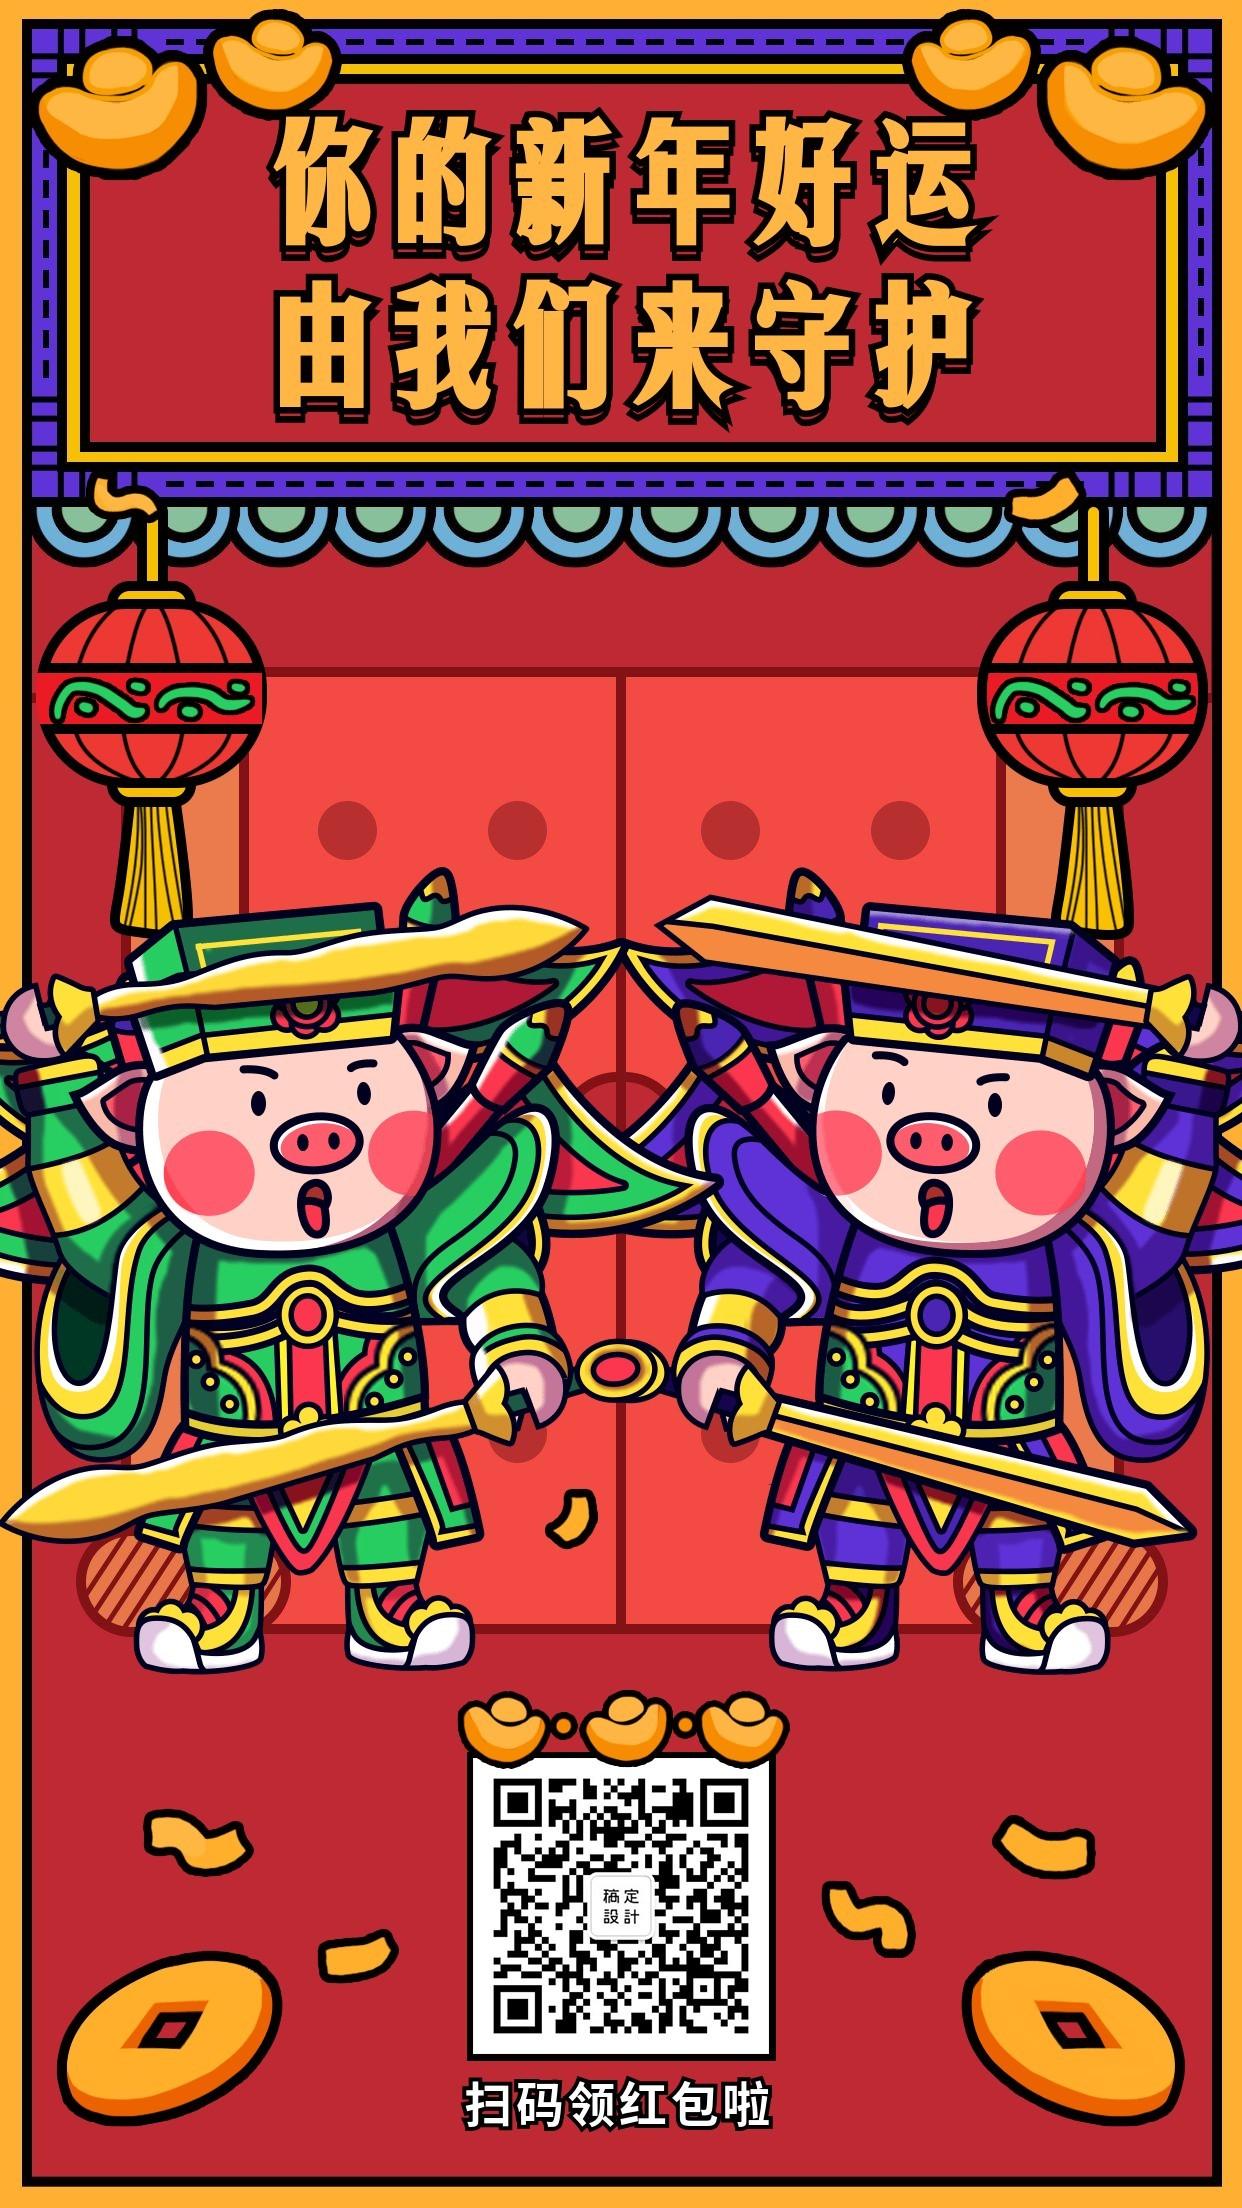 可爱门神插画节日祝福海报